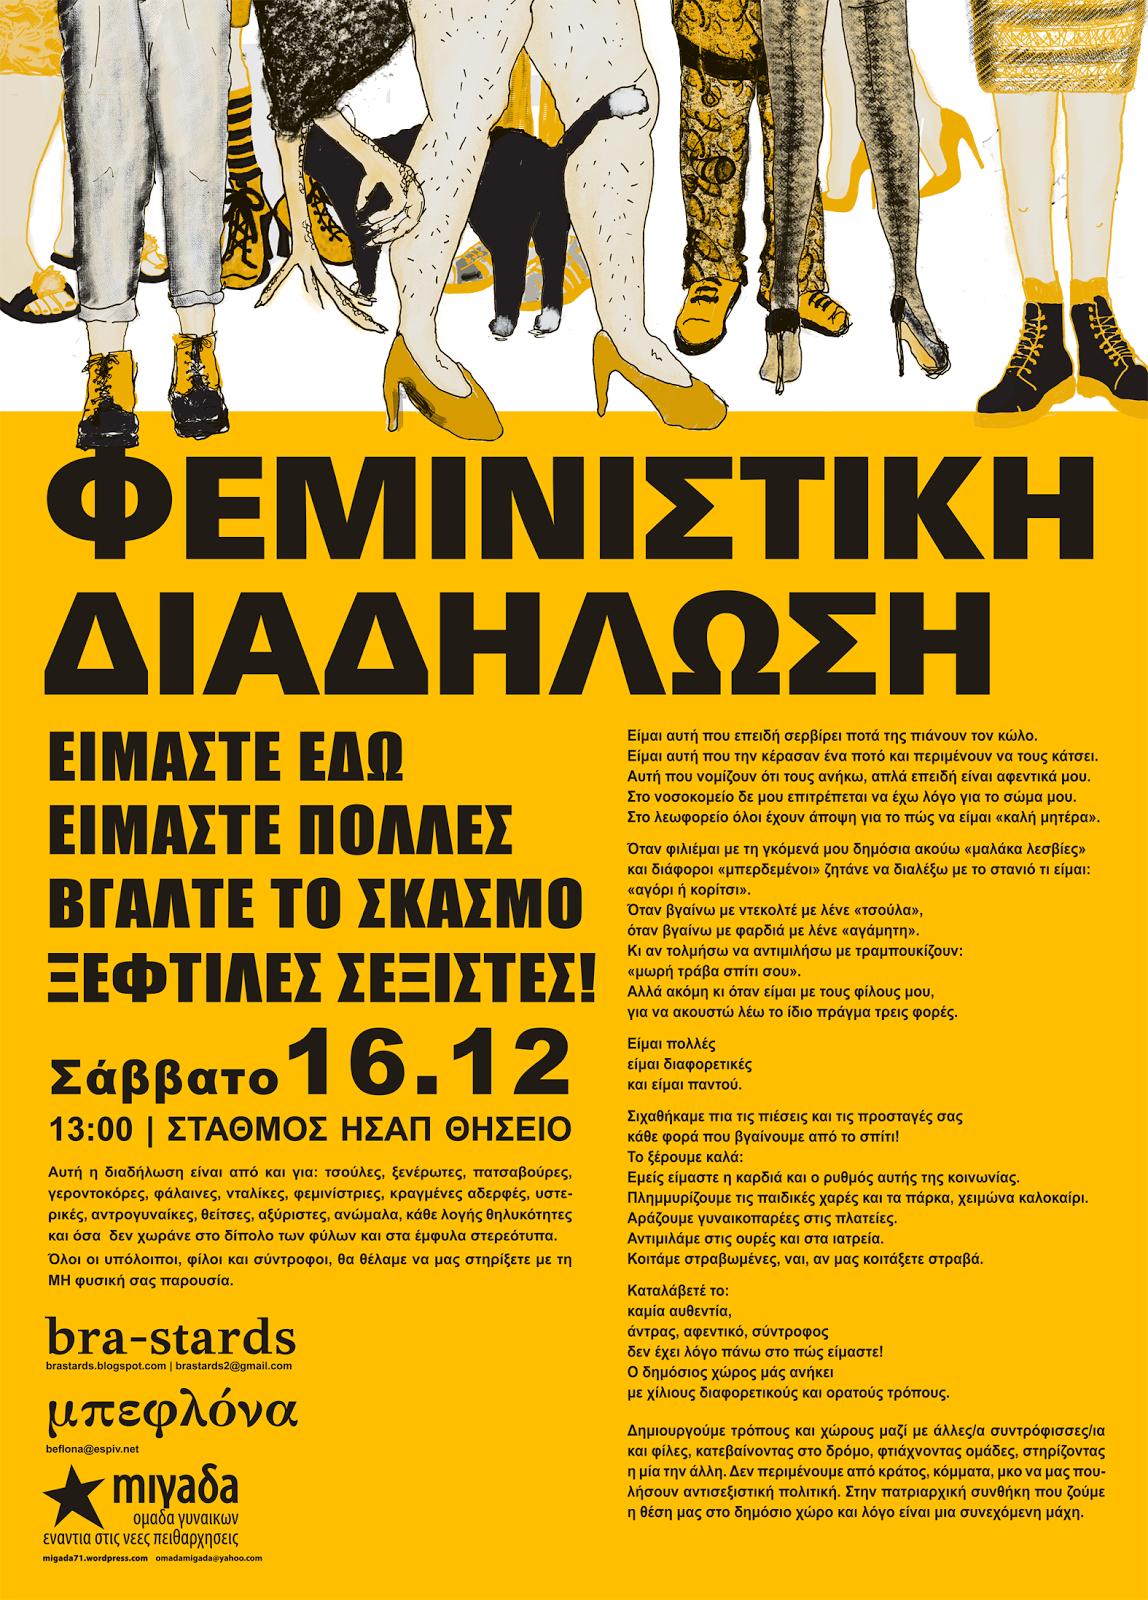 Φεμινιστική διαδήλωση, 16.02